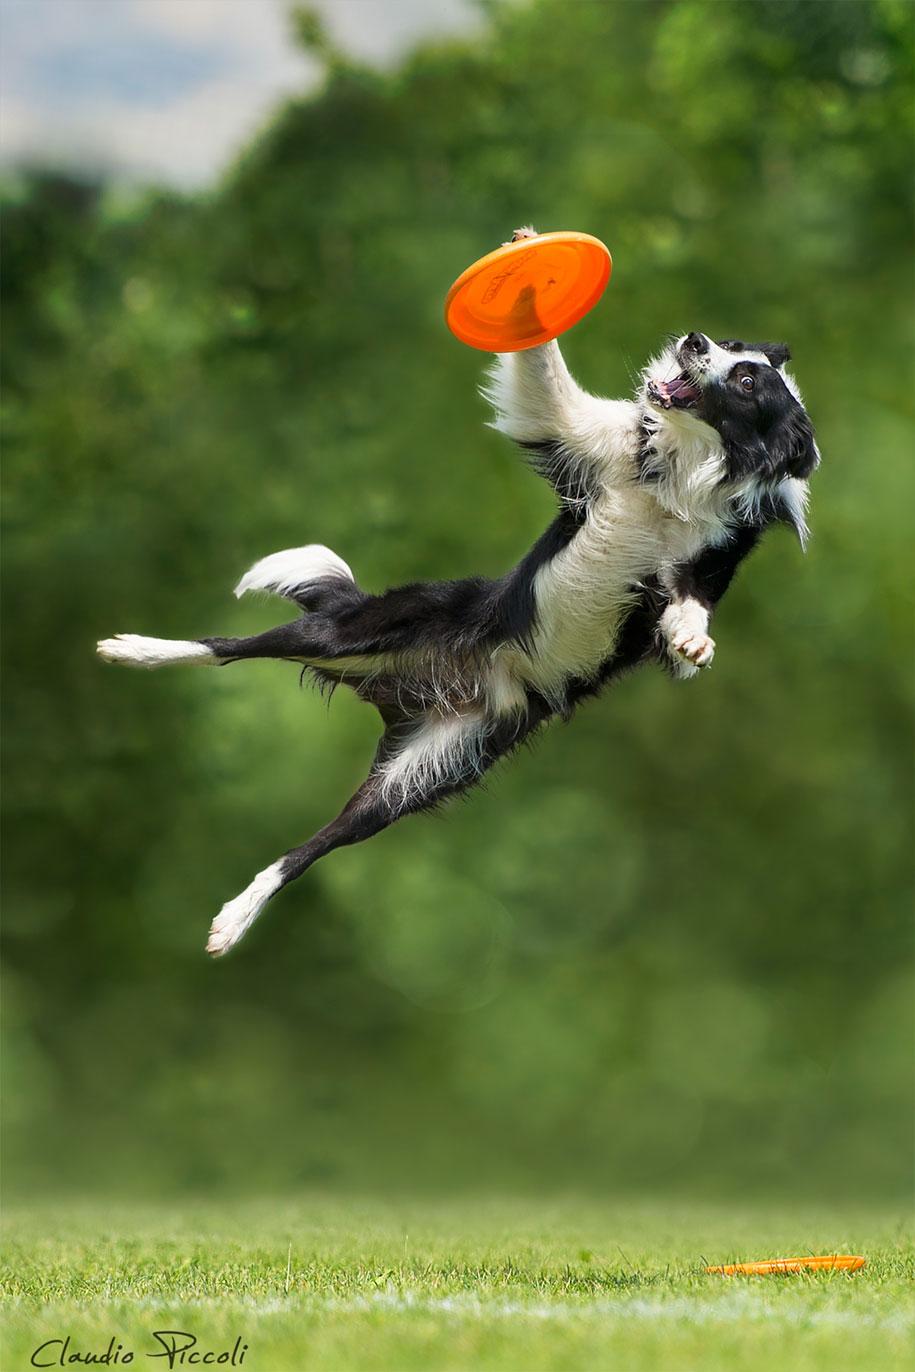 fotografia-cani-che-volano-frisbee-claudio-piccoli-21